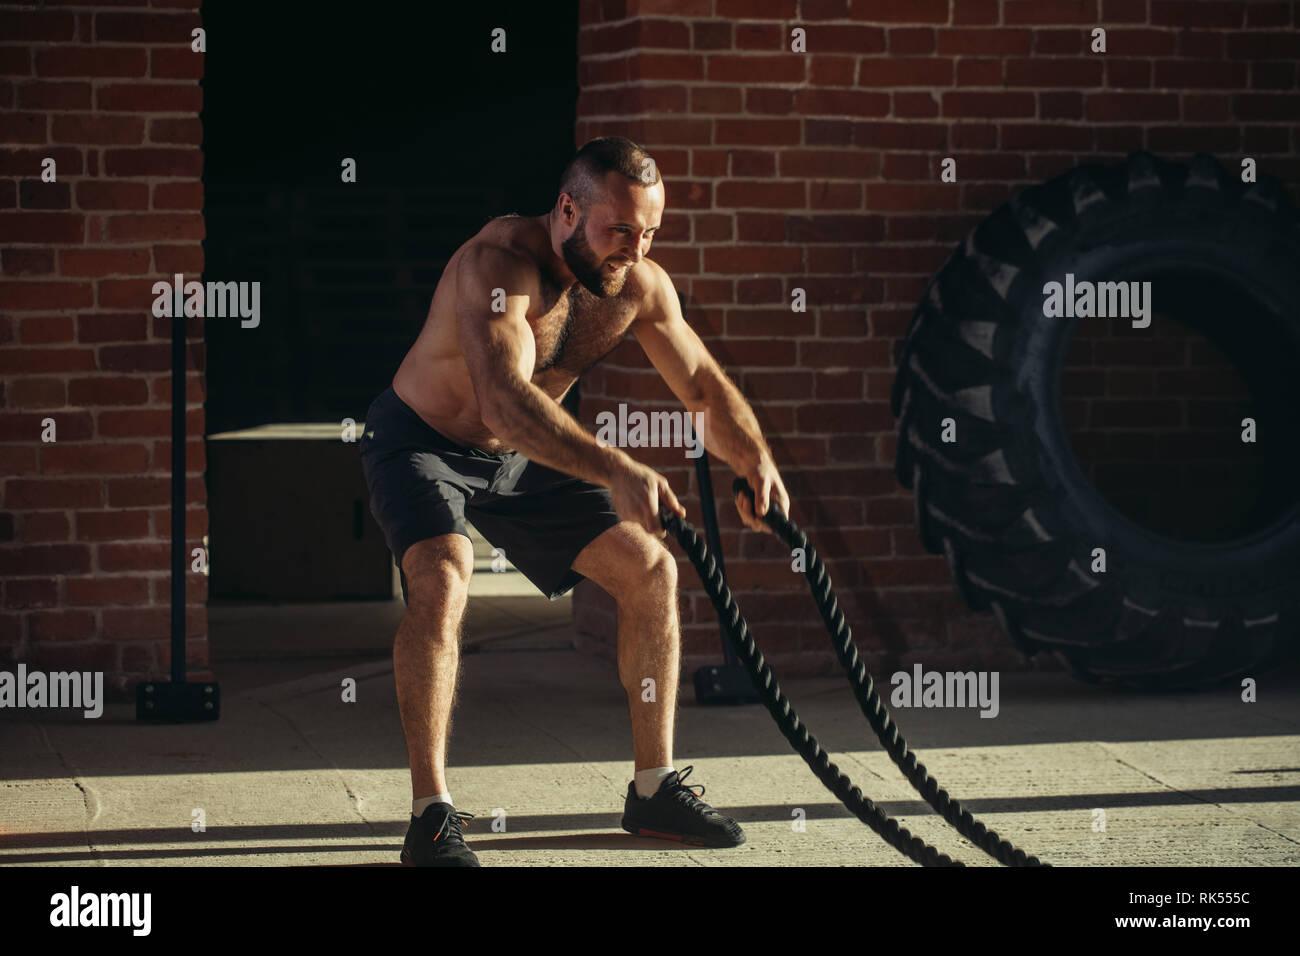 Jeune homme athlétique avec corde bataille faire de l'exercice dans la salle de sport fitness formation fonctionnelle. Rope contribuent à engager tous les groupes musculaires en même temps, alors que l'ens Banque D'Images